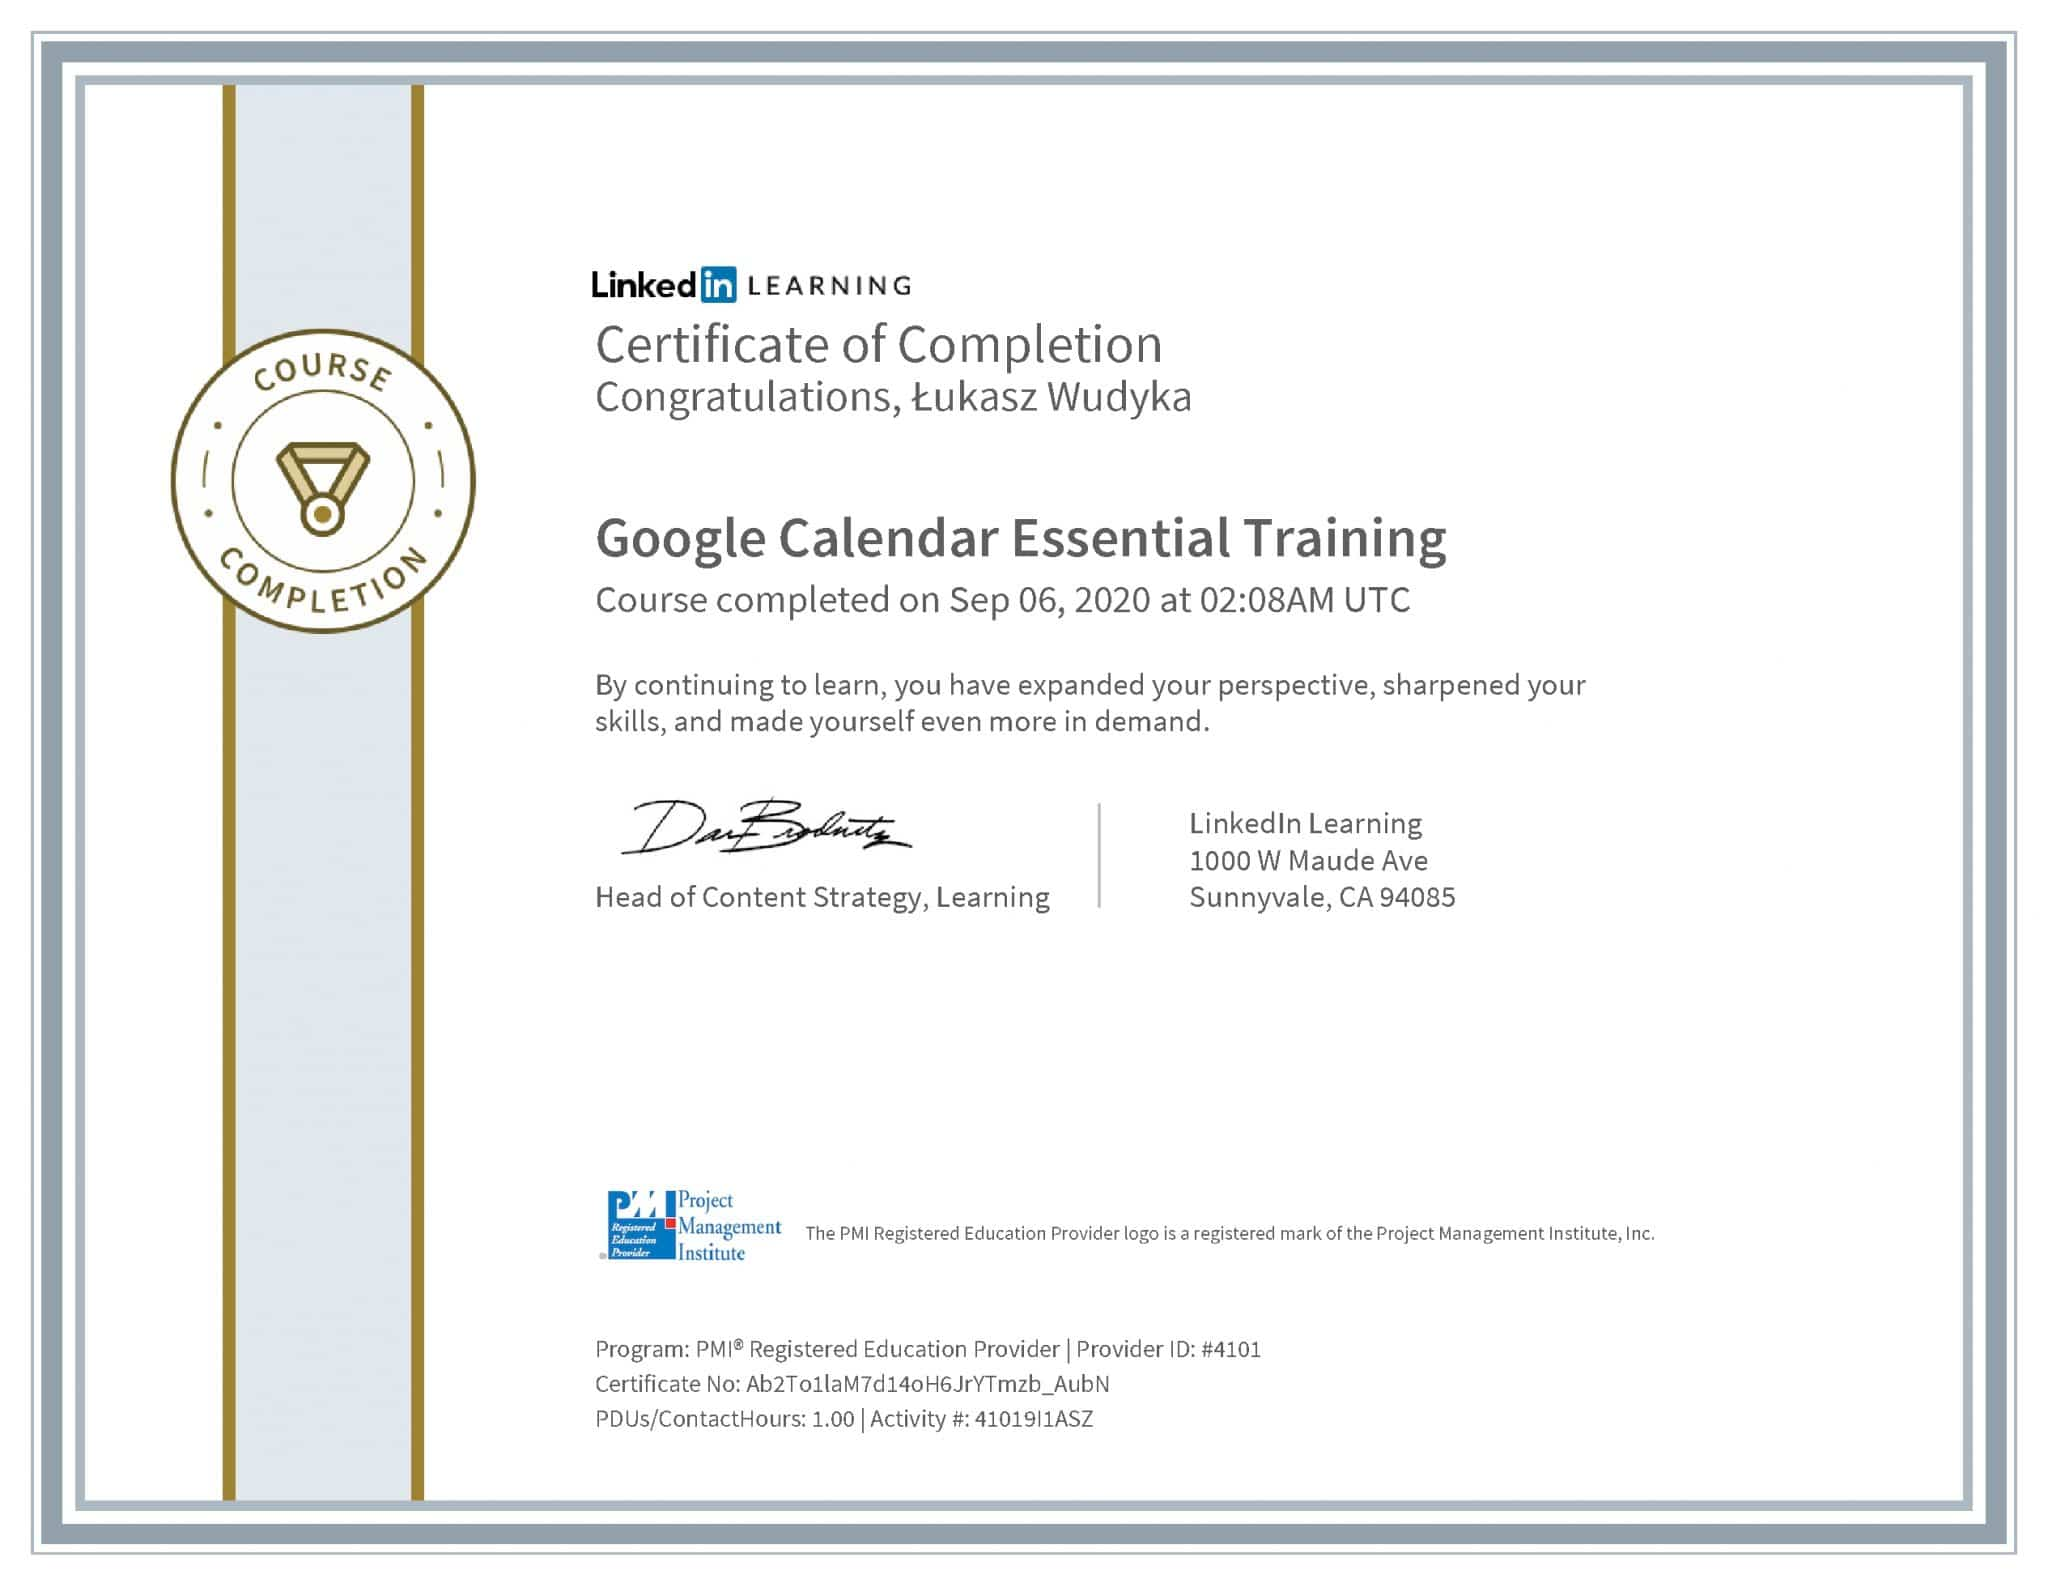 Łukasz Wudyka certyfikat LinkedIn Google Calendar Essential Training PMI